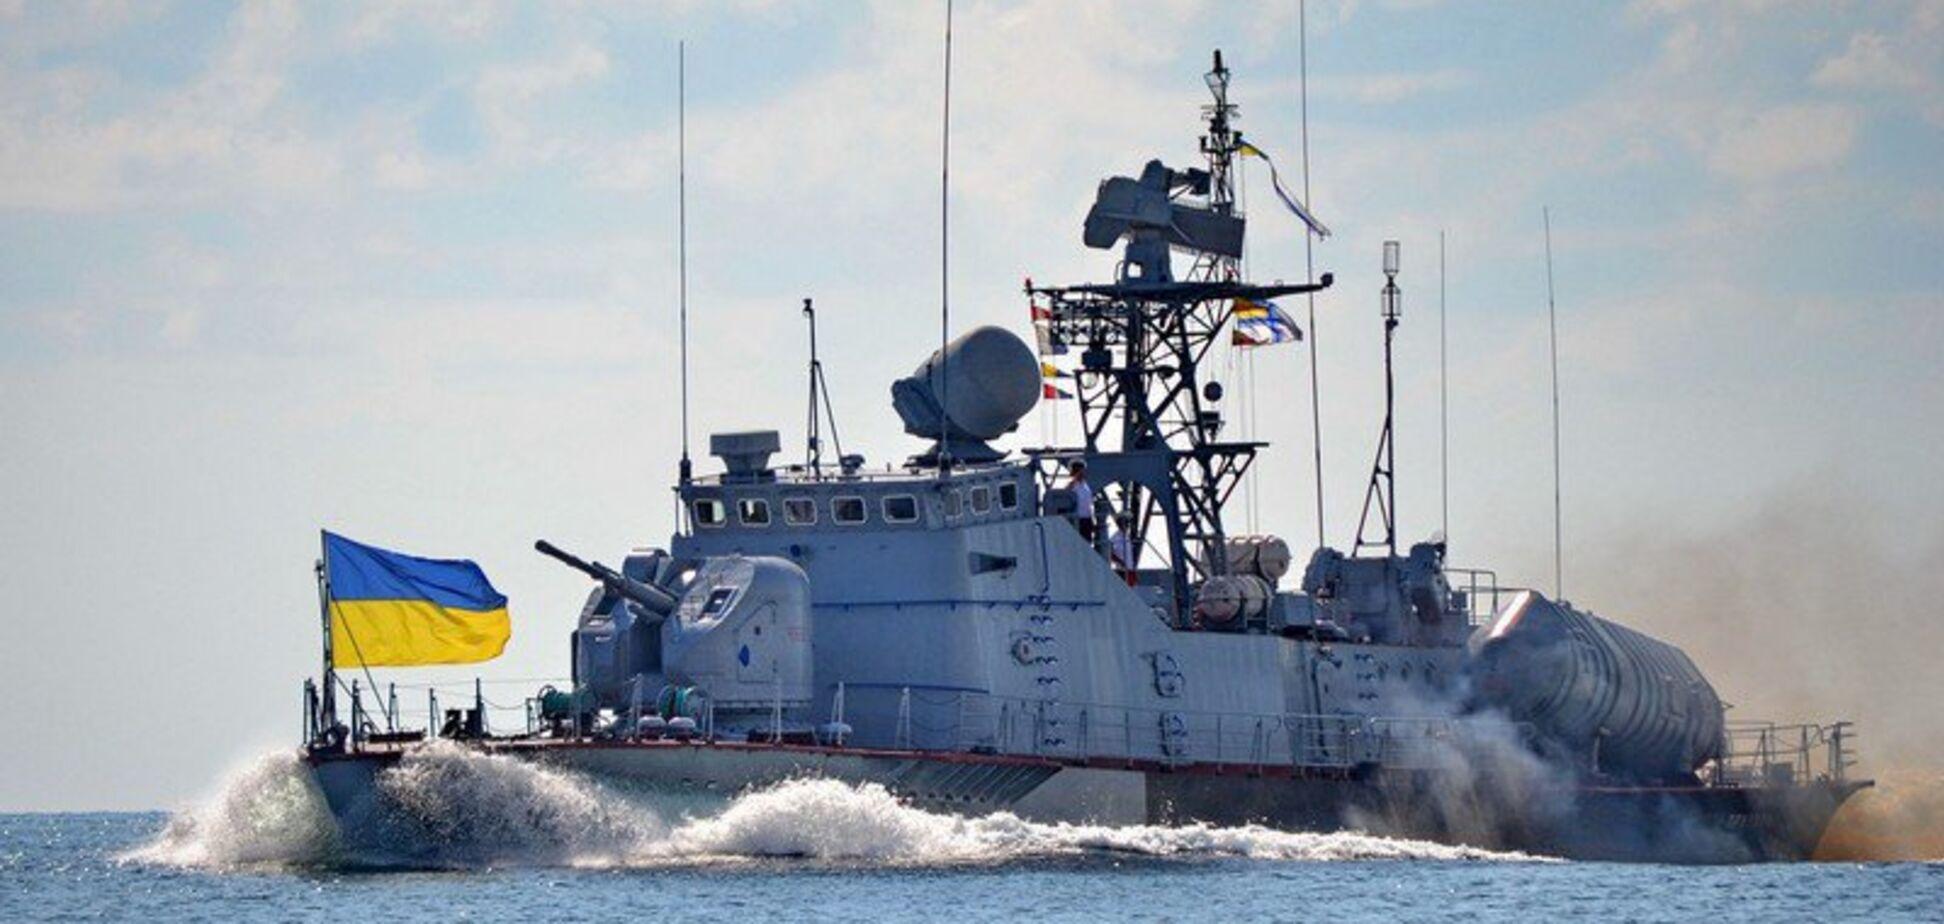 'Можем уничтожать с суши': в Украине сделали заявление о войне с Россией в море